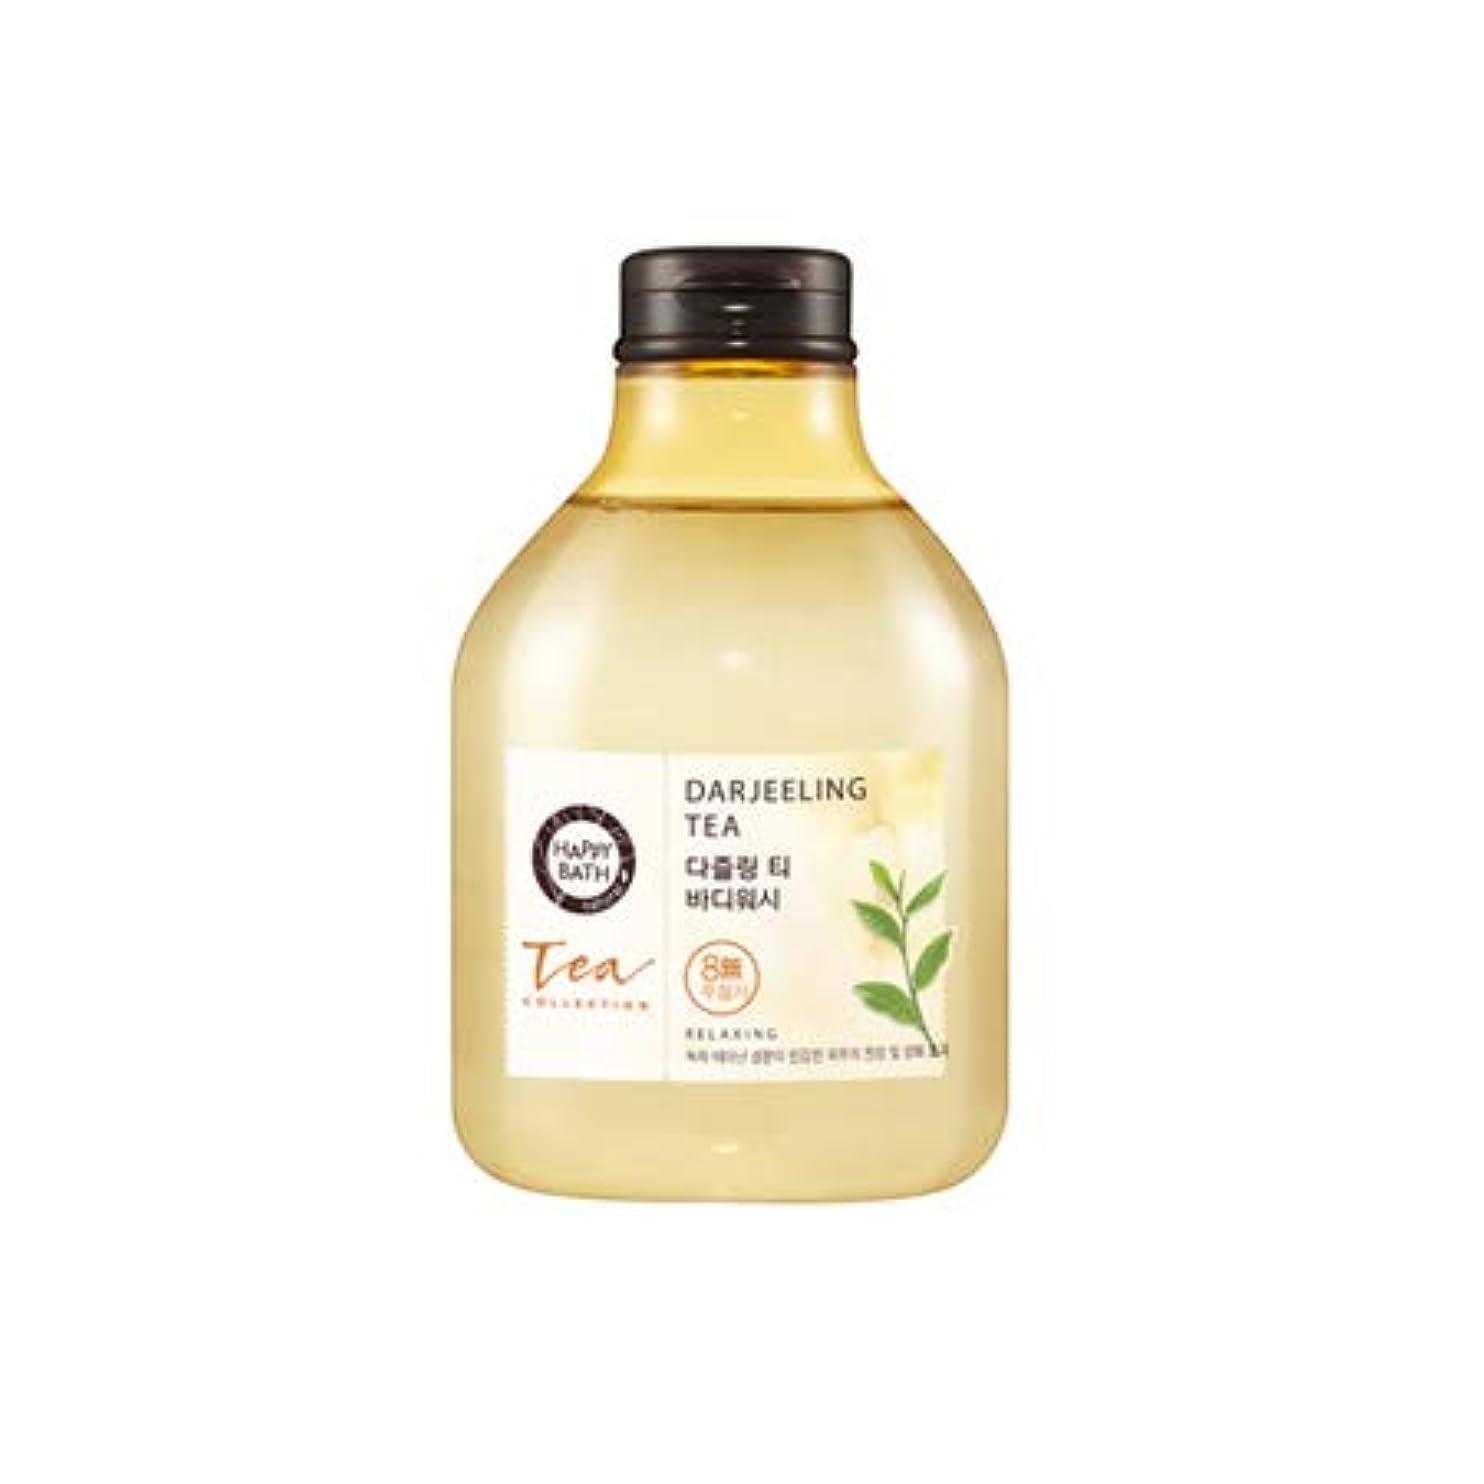 予定大学院レシピ[ハッピーバス.happy bath]若い葉ティーコレクションボディウォッシュ(ダージリンティー、300ml)/ pure Darjeeling Tea body wash